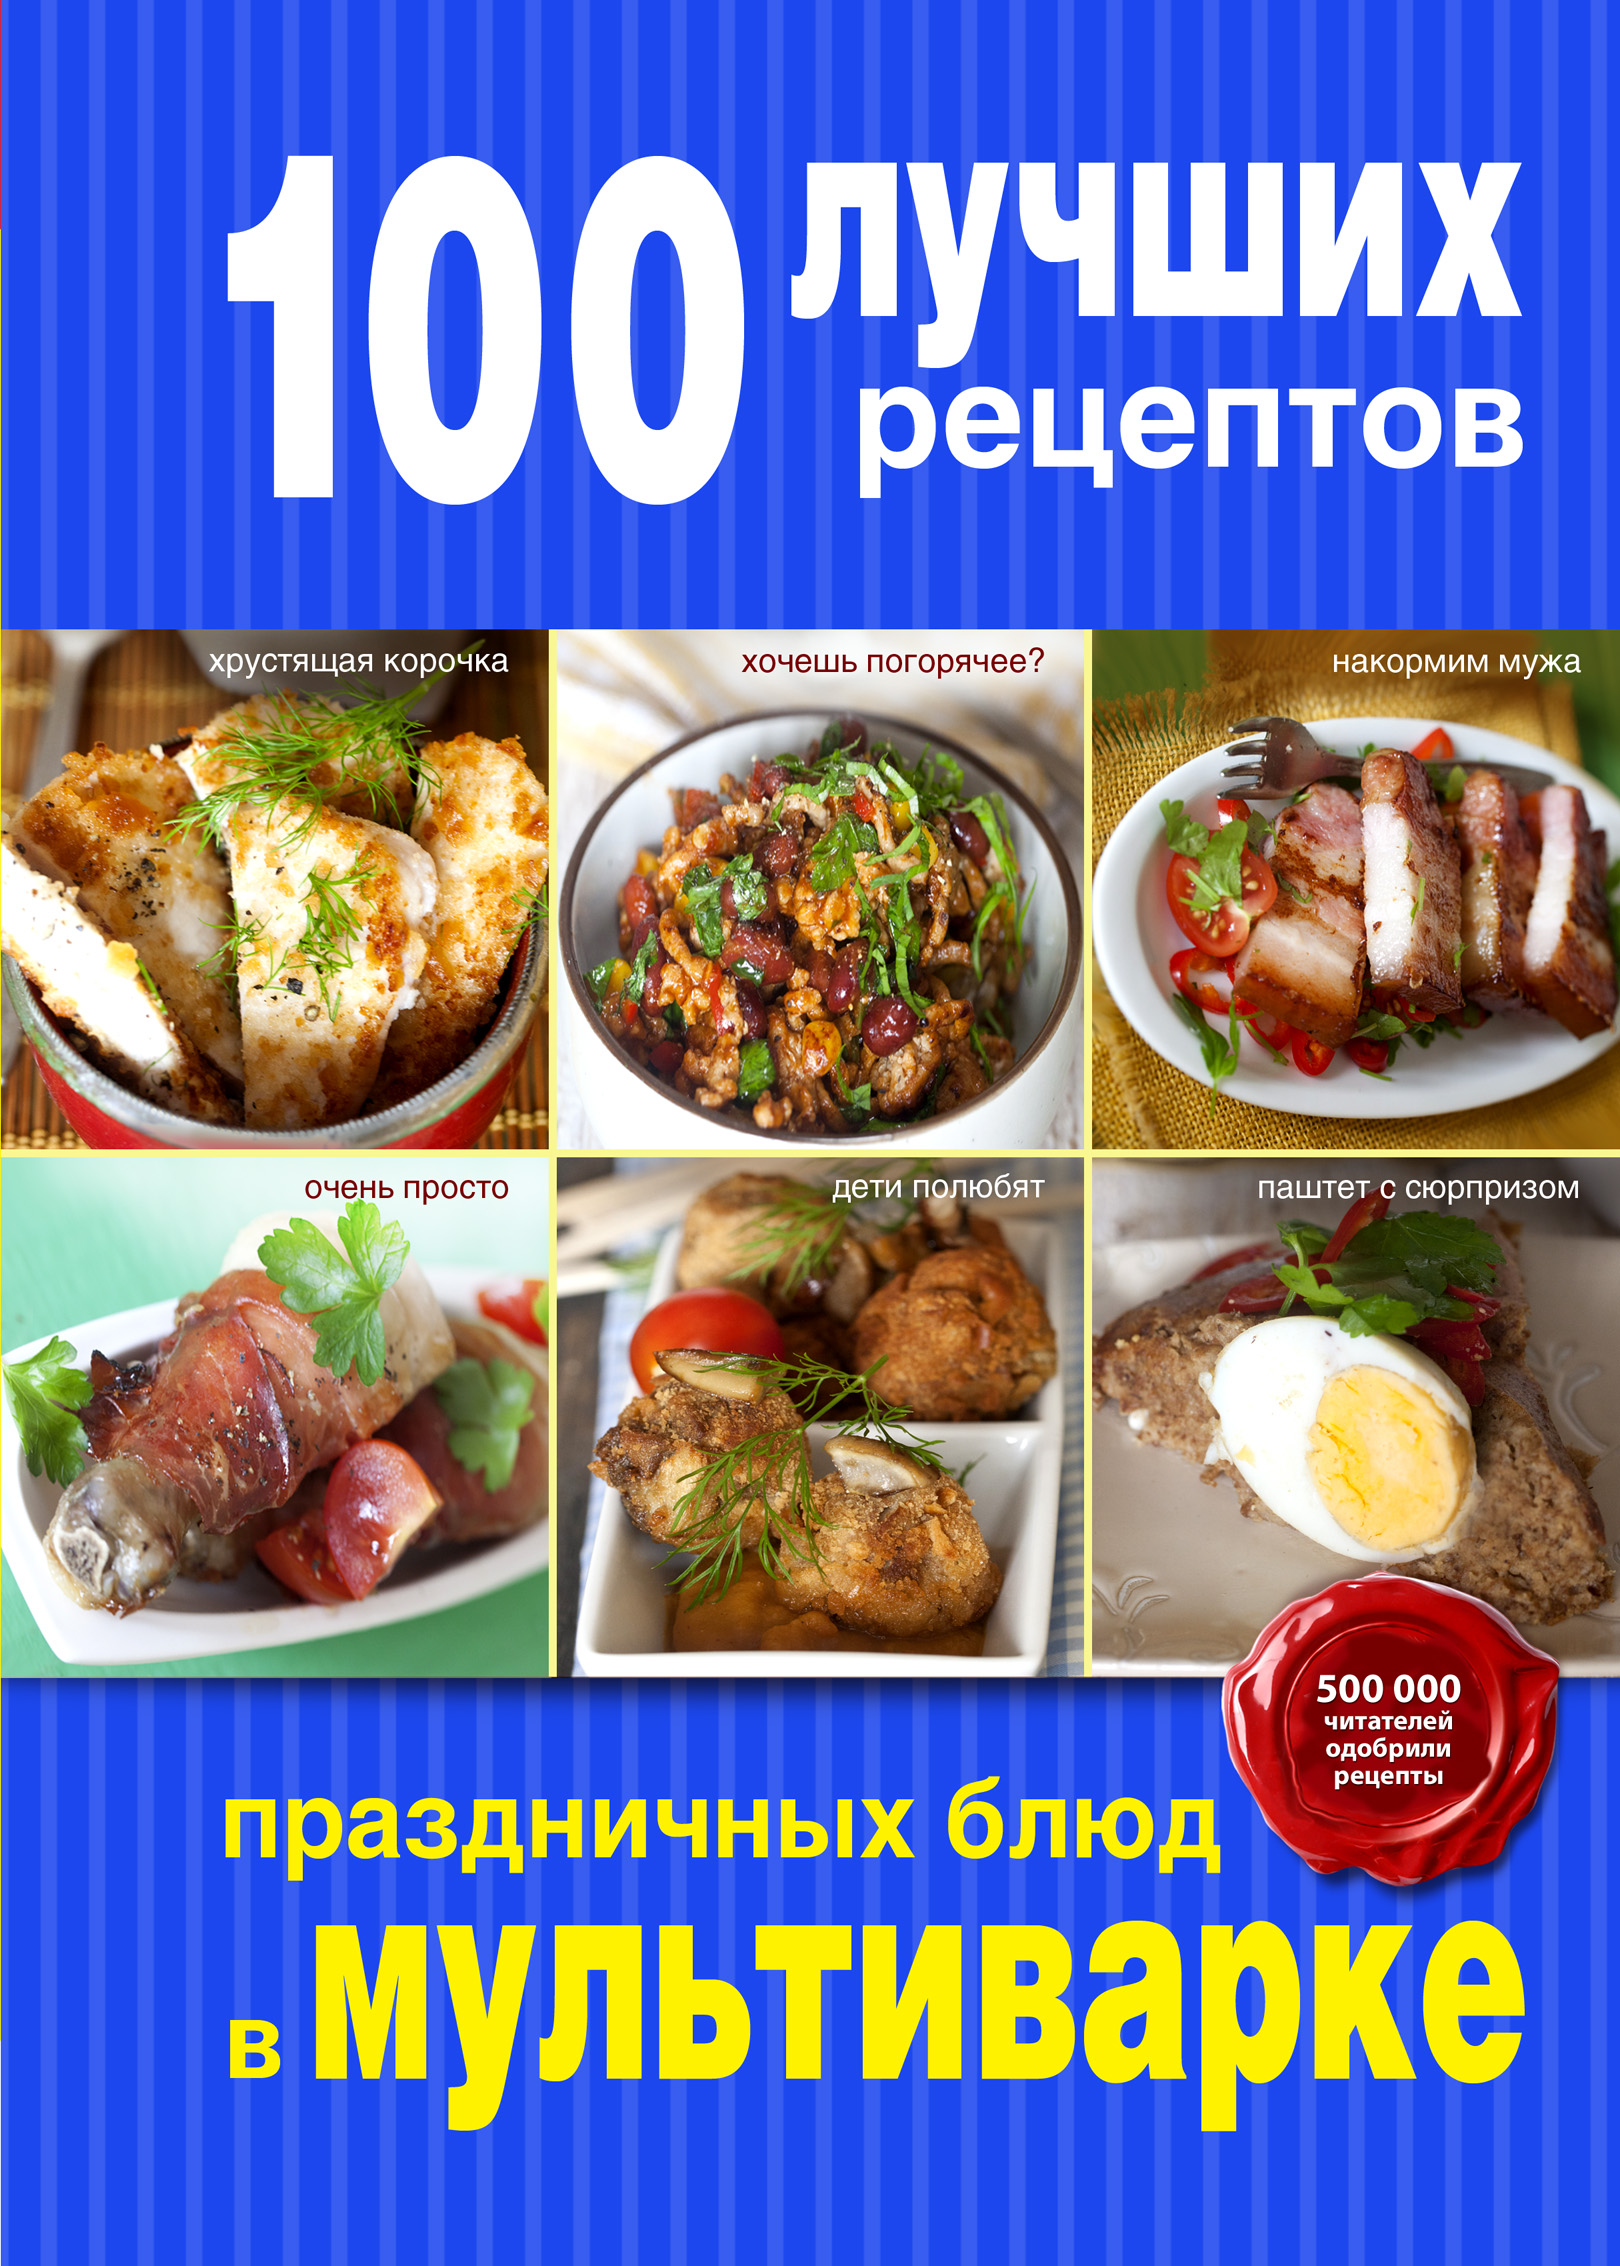 100 лучших рецептов праздничных блюд в мультиварке украшение праздничных блюд